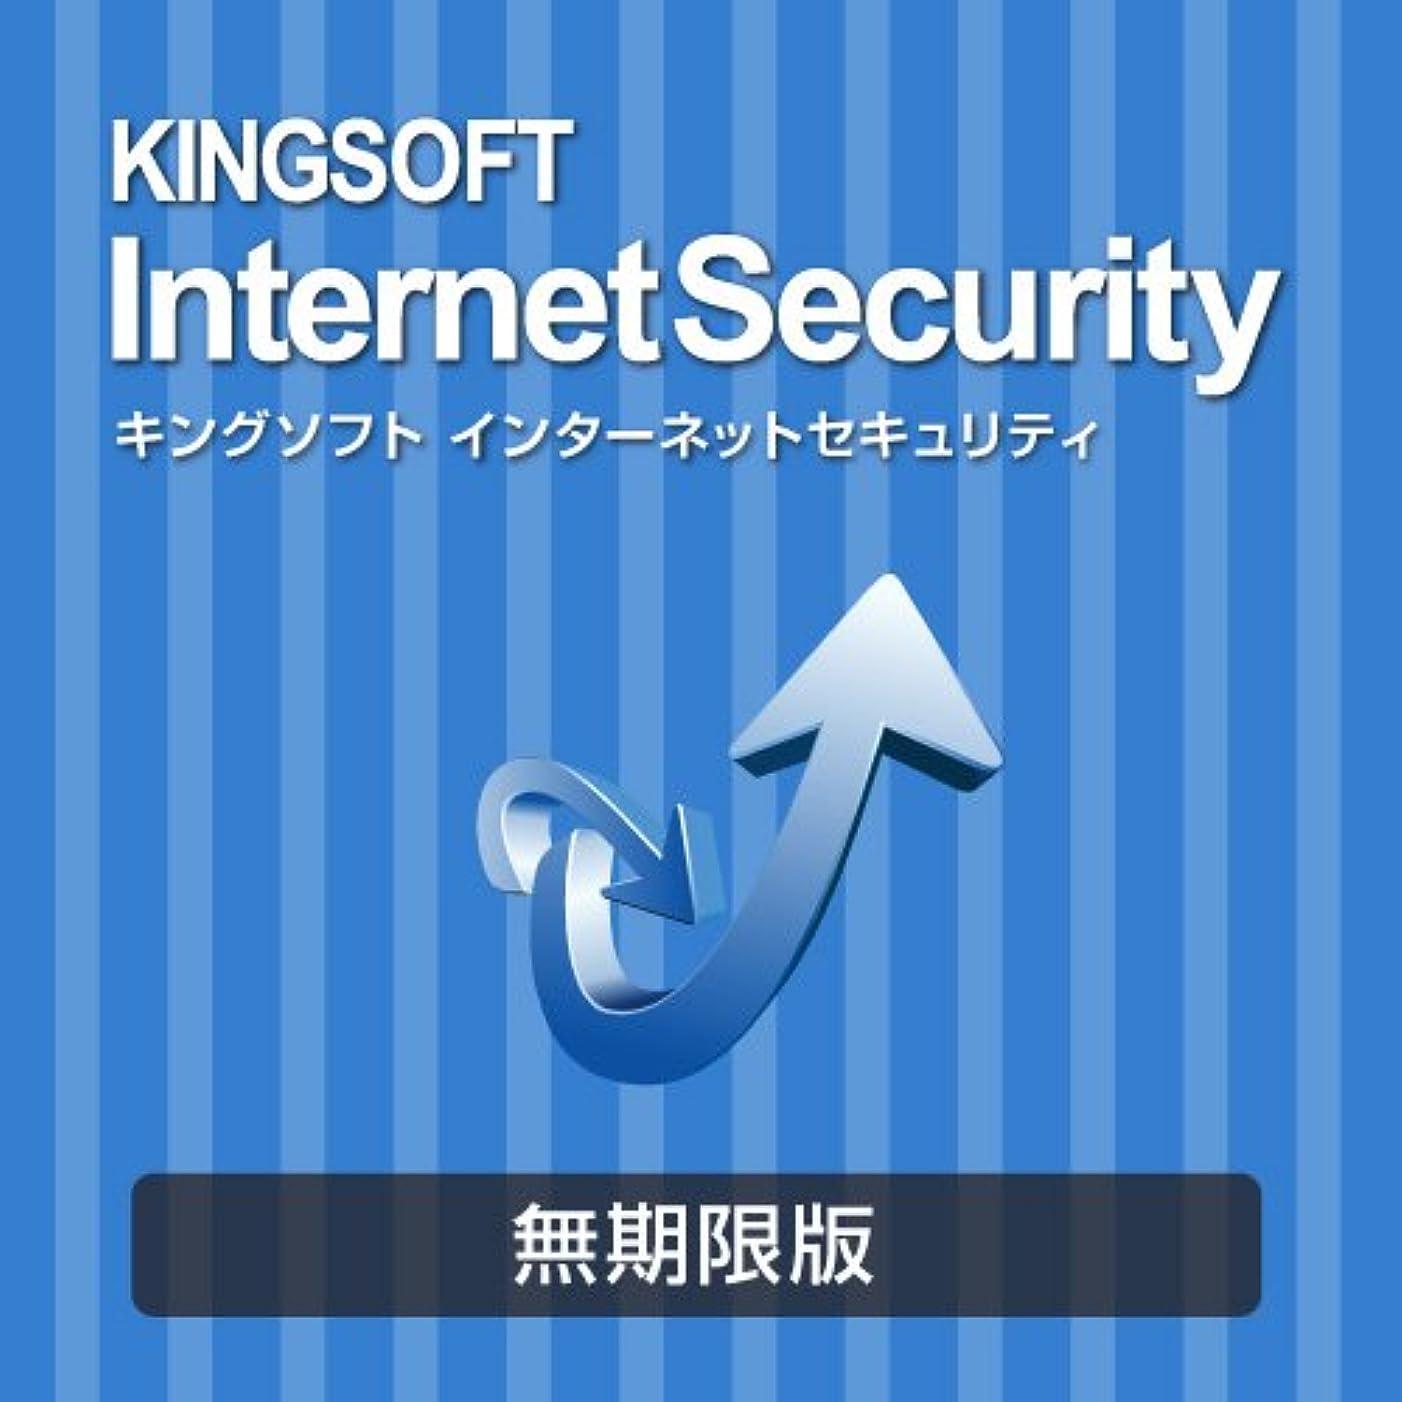 華氏期待する大きさKINGSOFT Internet Security ダウンロード版